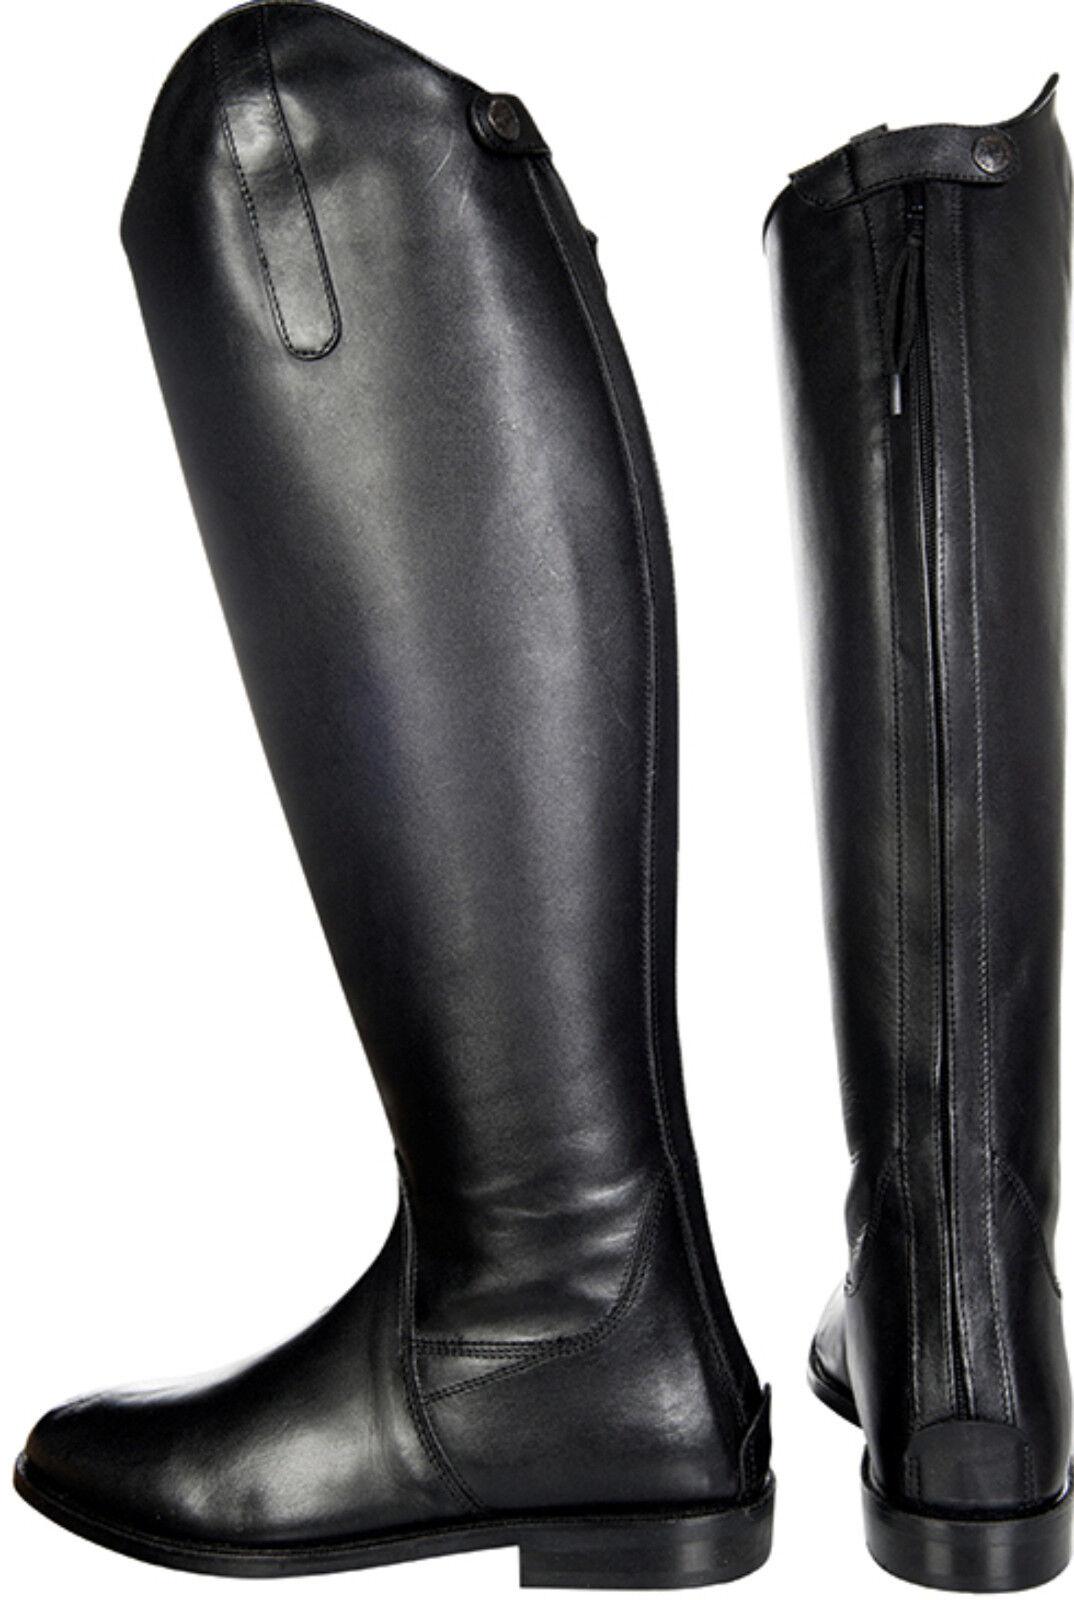 HKM  Reitstiefel  HKM Soft Leder kurz/weit (6545) dd9f61